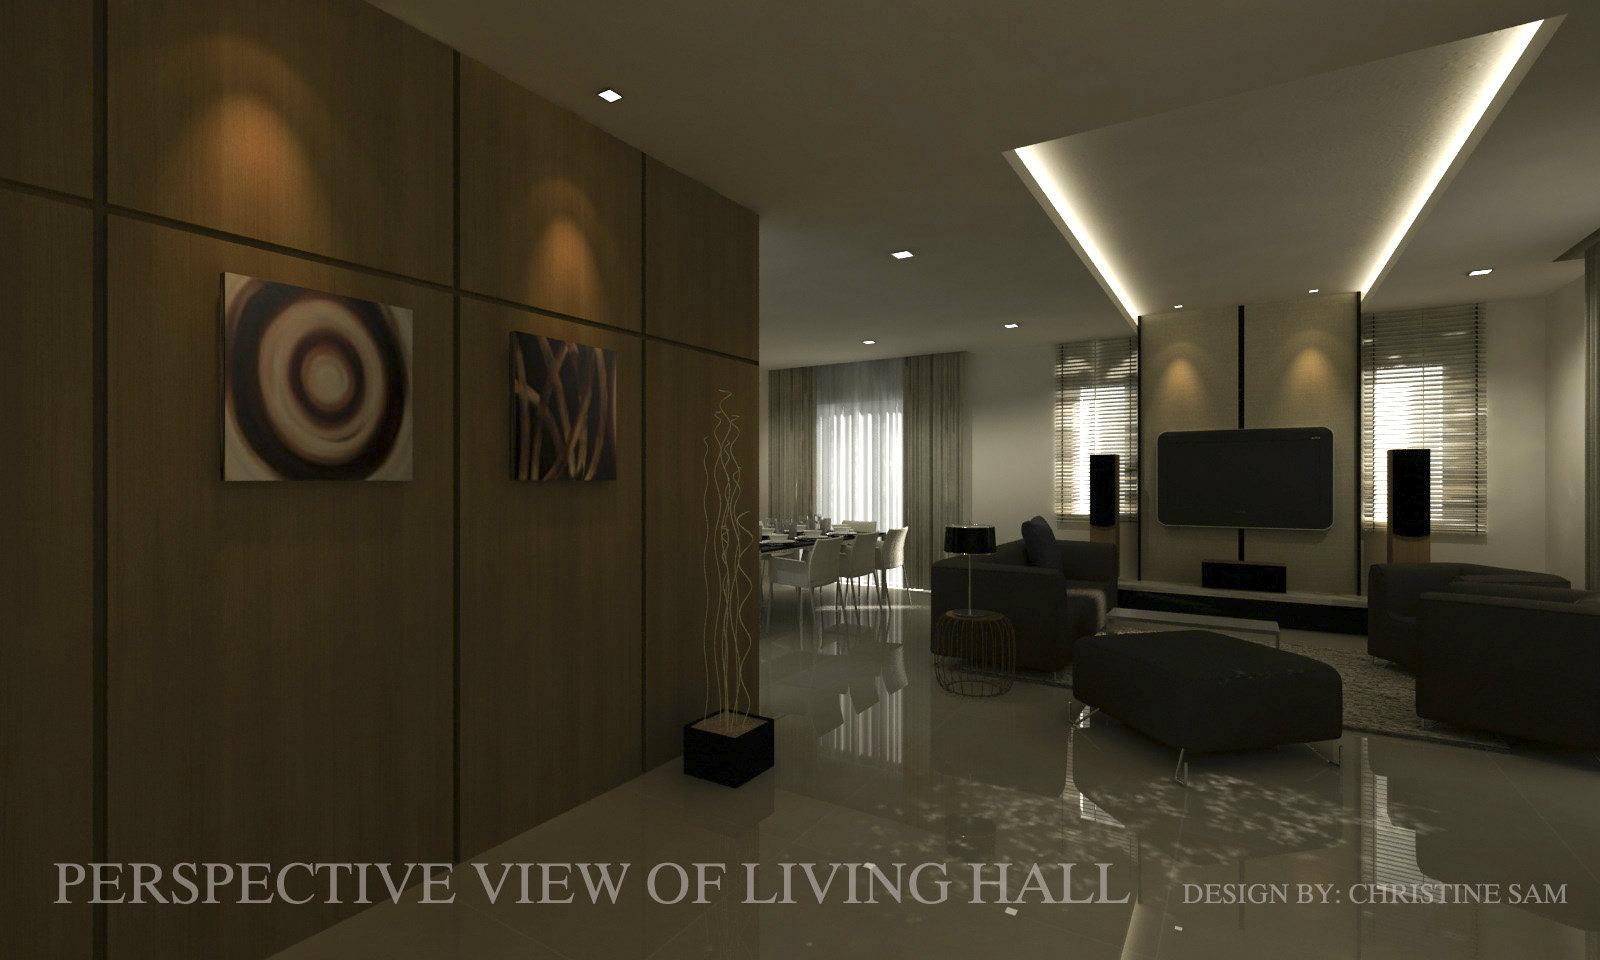 01 living hall residential design double storey tmn for Design hotel pandan indah